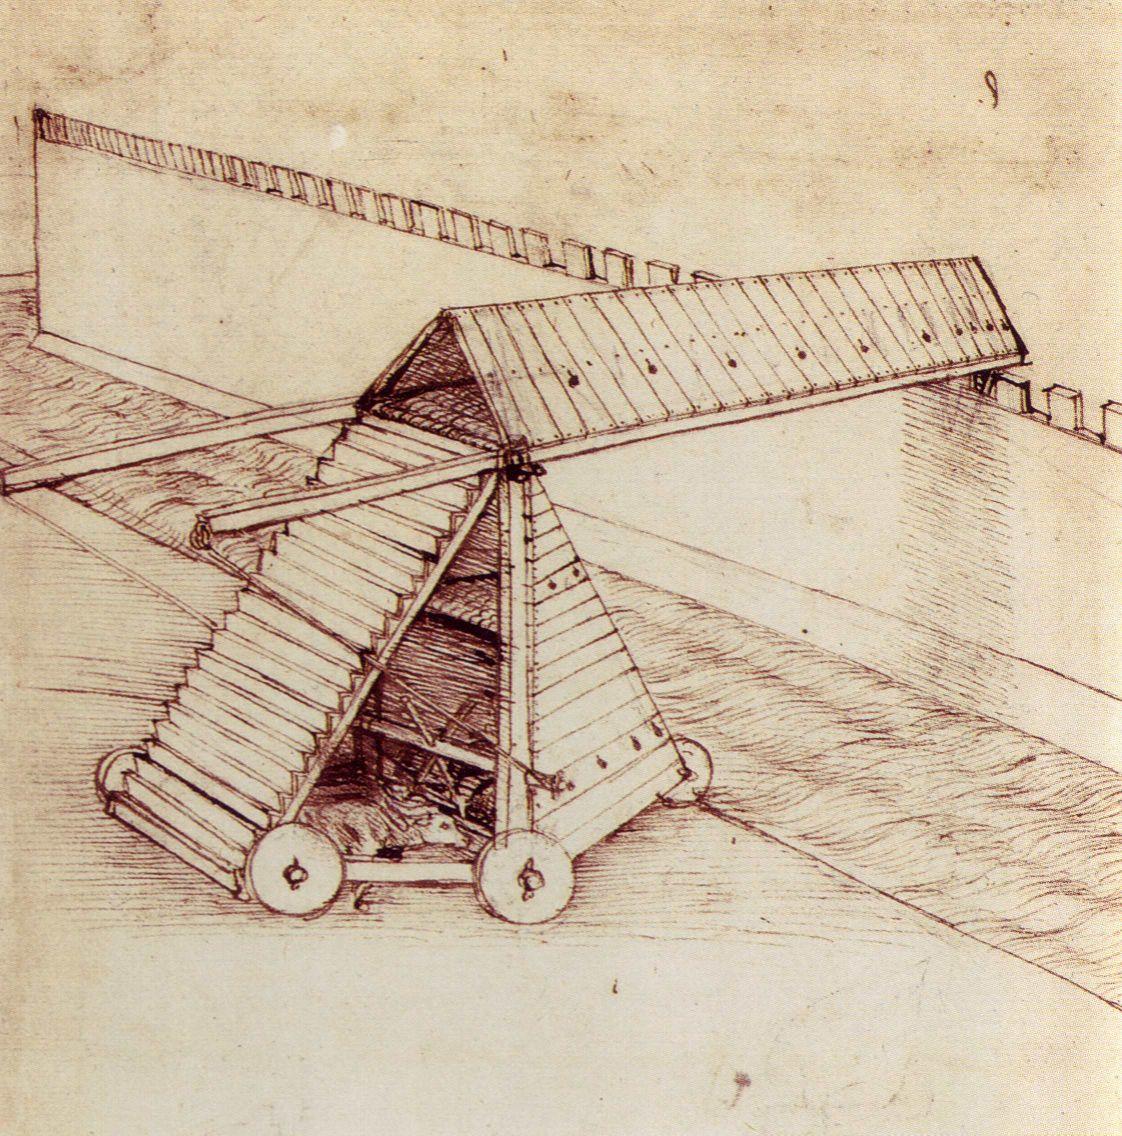 Siege Machine, c. 1480